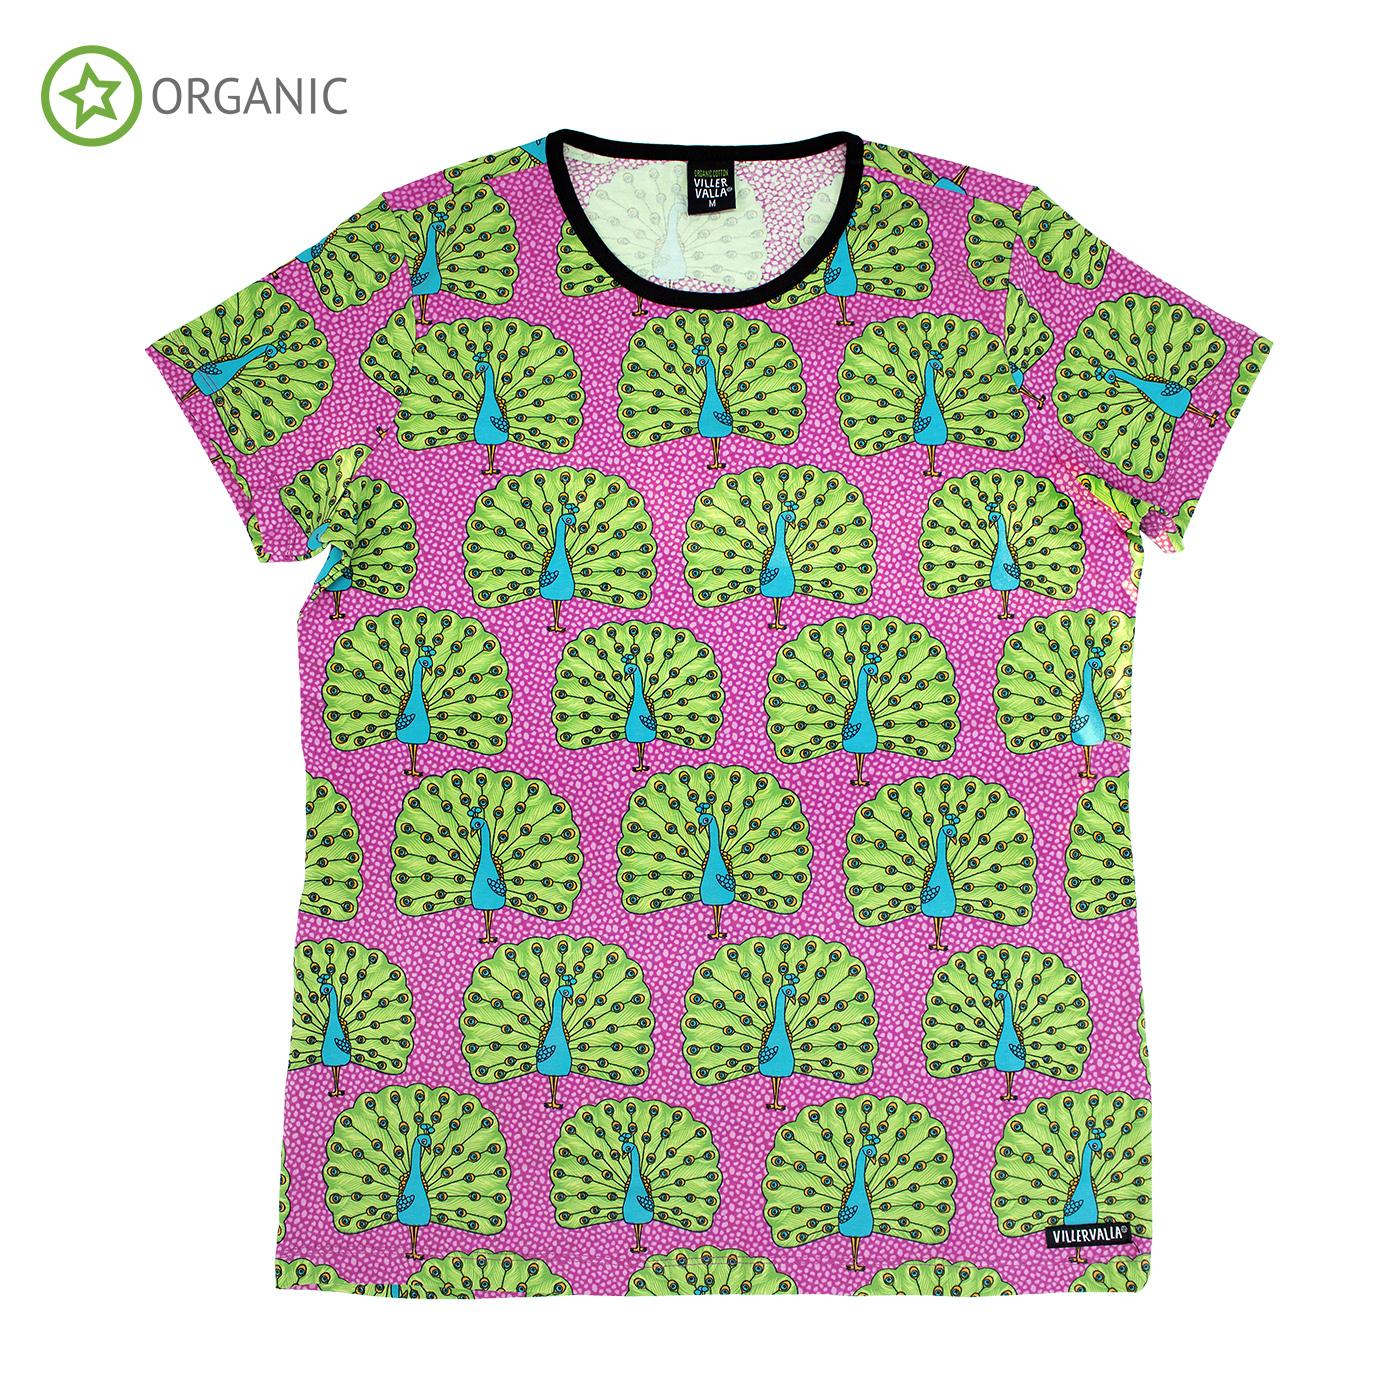 t shirt vuxen LEOPARD Villervalla kids clothing